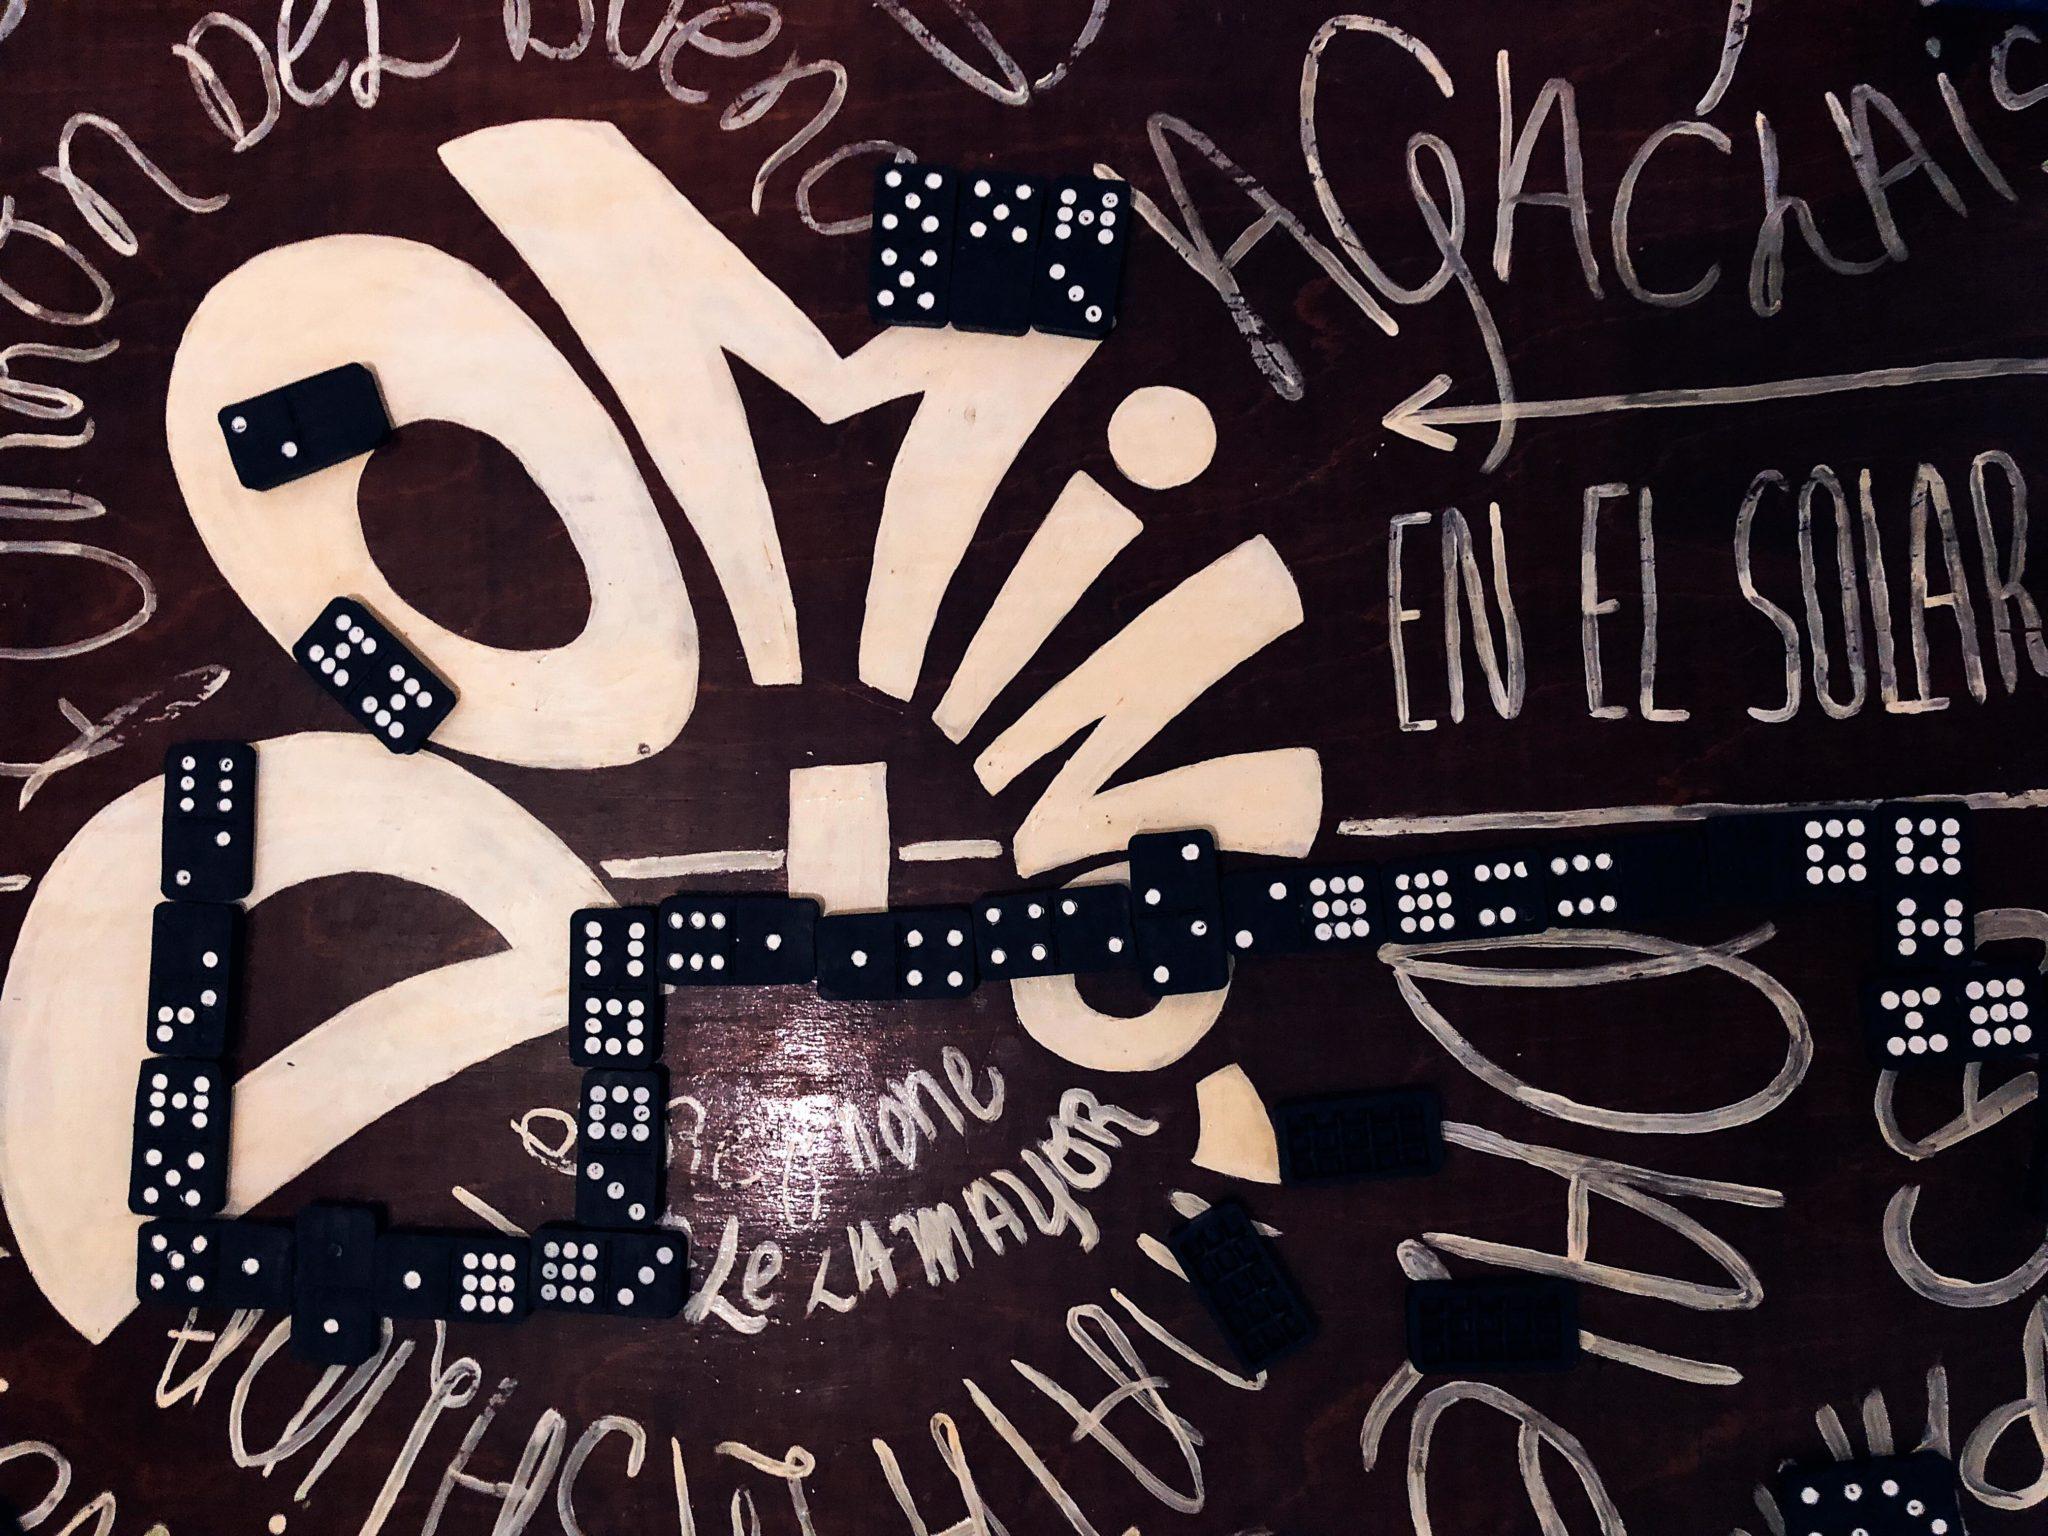 Fabrica De Arte Cubano - Best places to go in Cuba